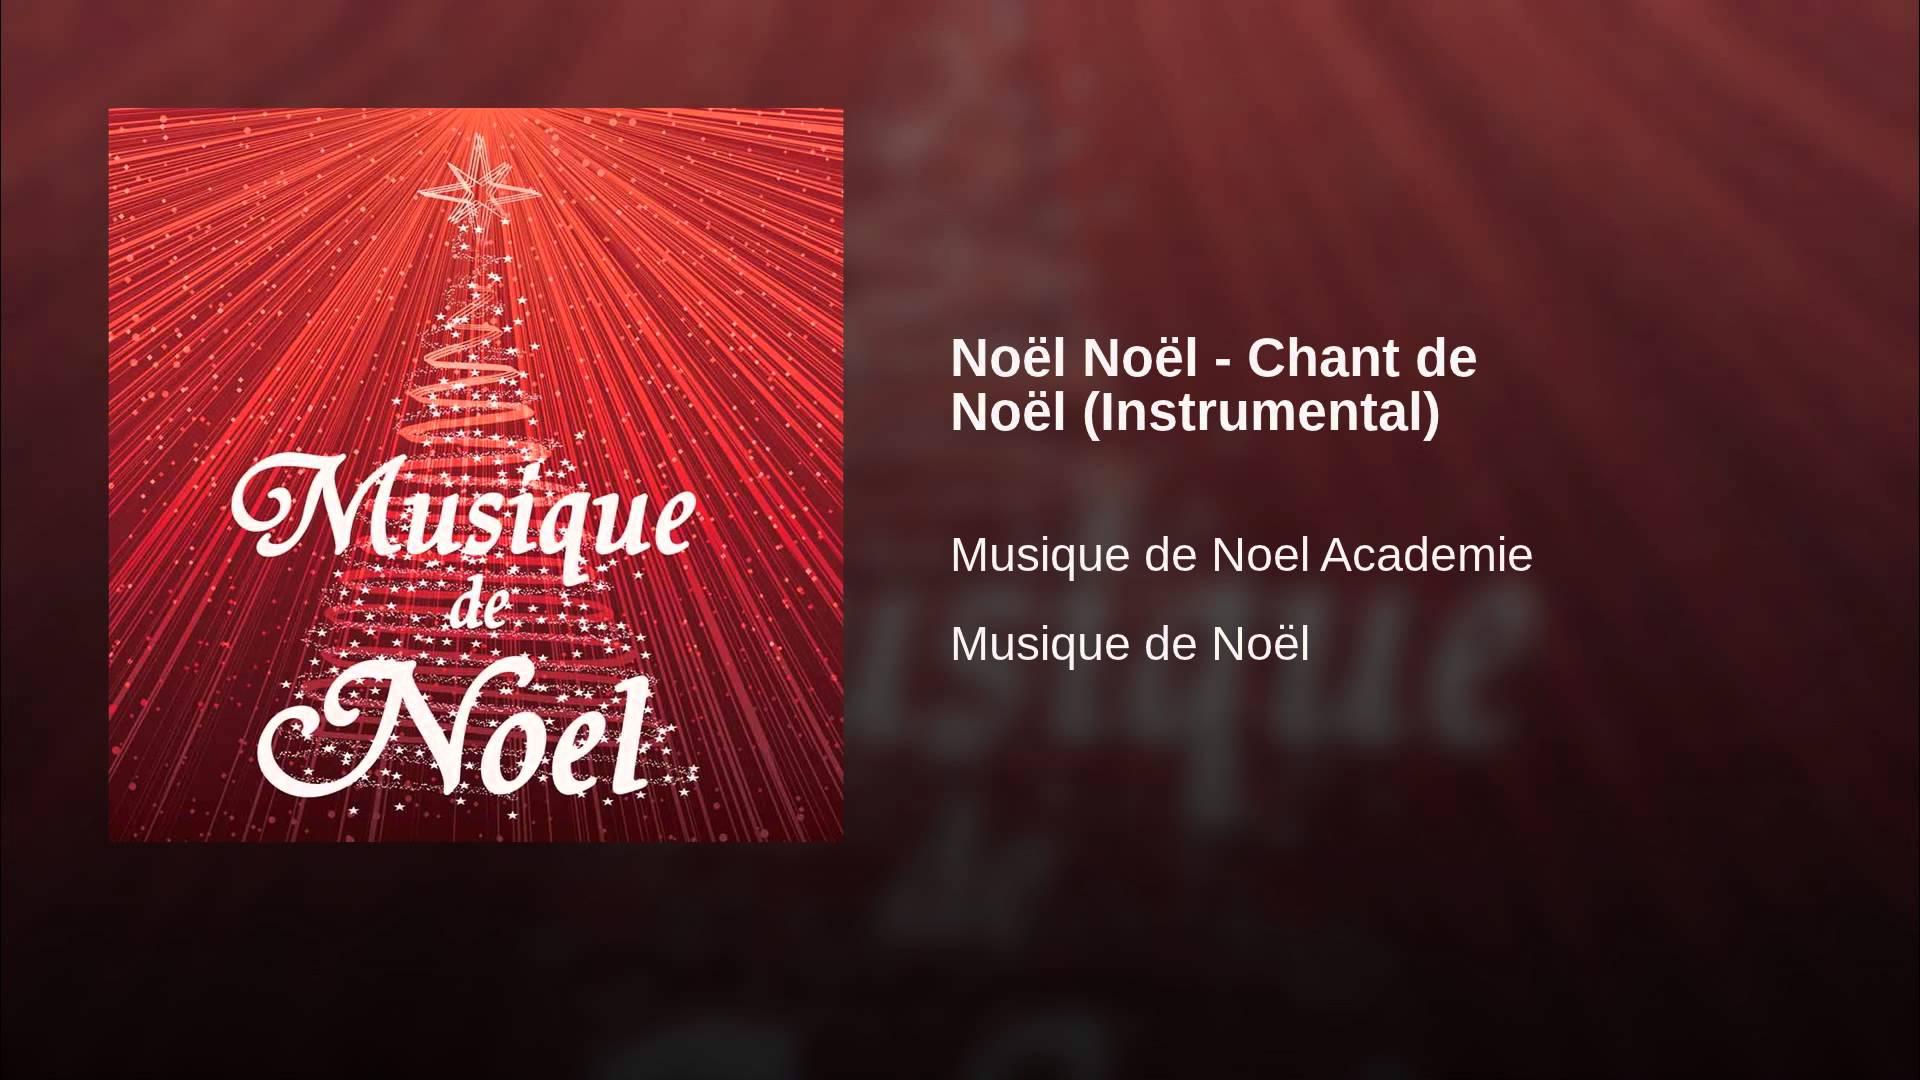 chant de noel instrumental